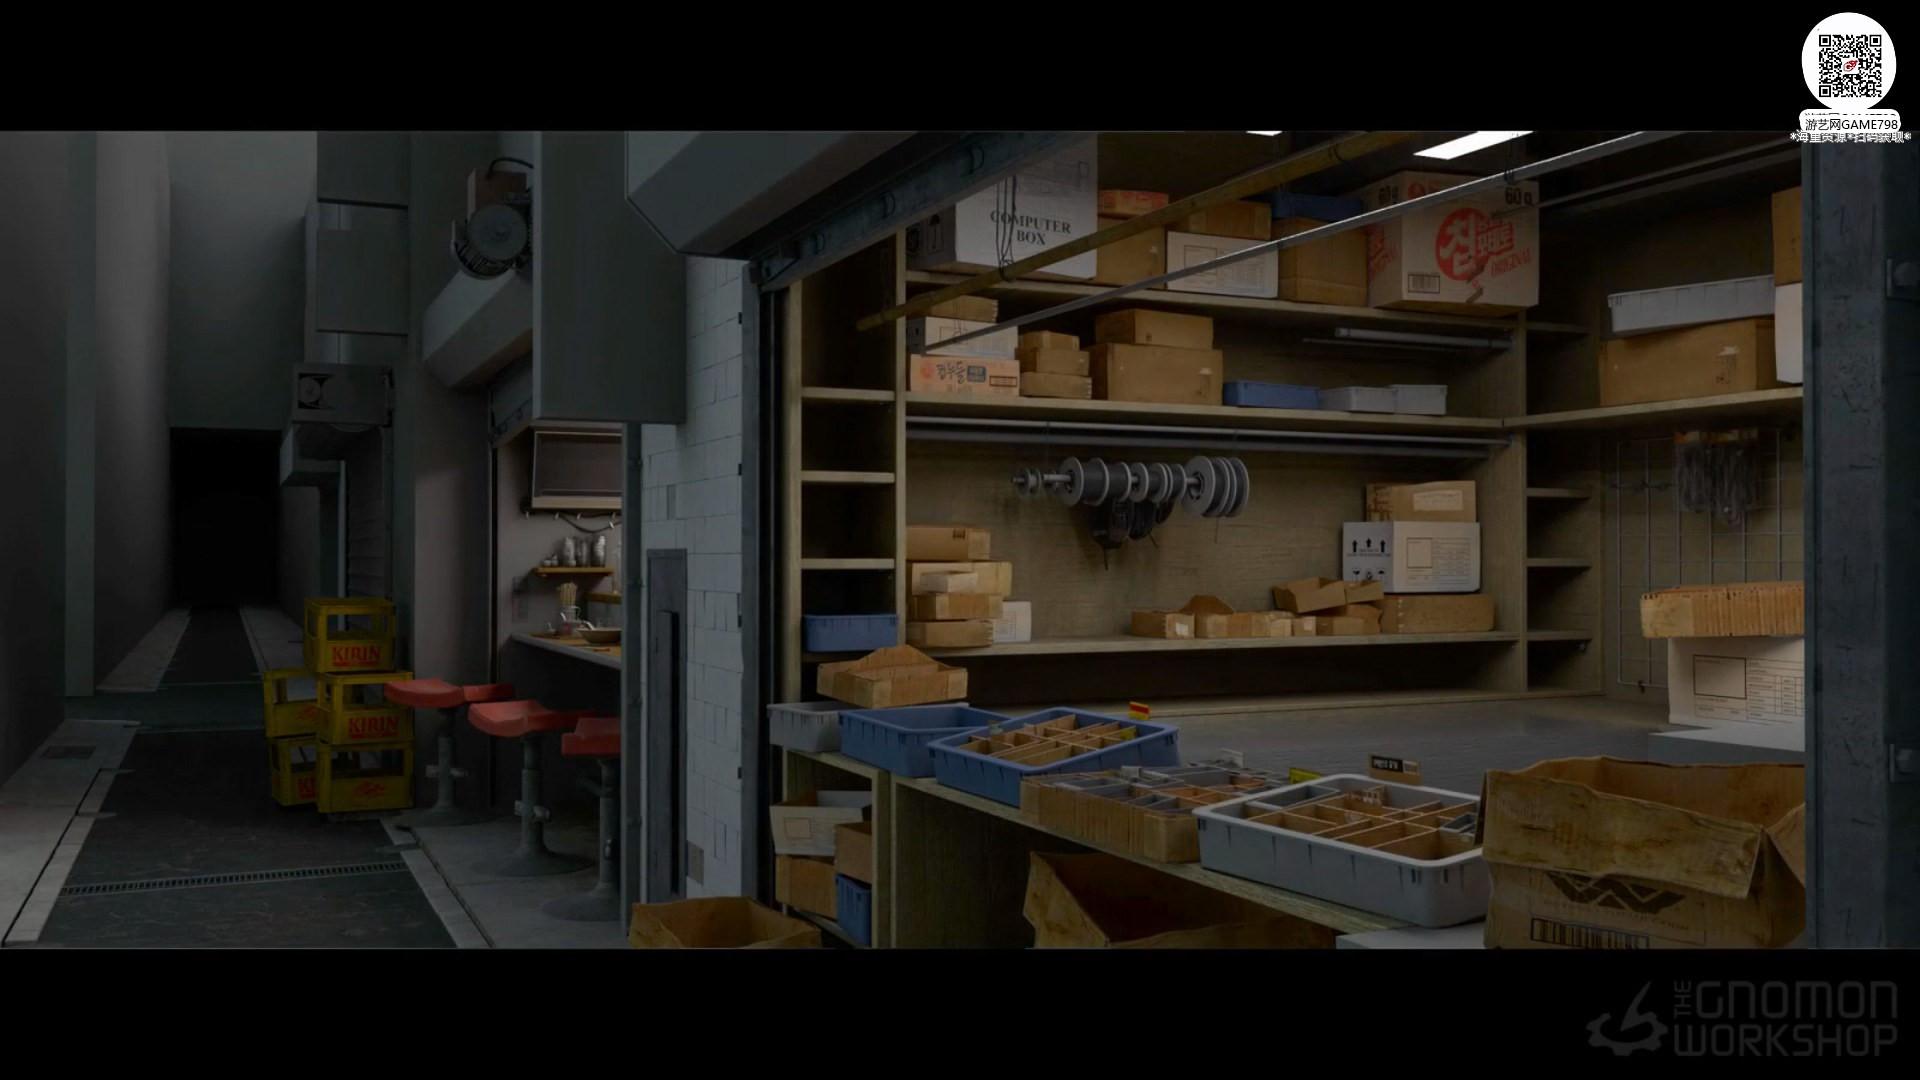 011_关注-游艺网GAME798海量资源下载【视频教程】MAYA制作科幻场景.jpg